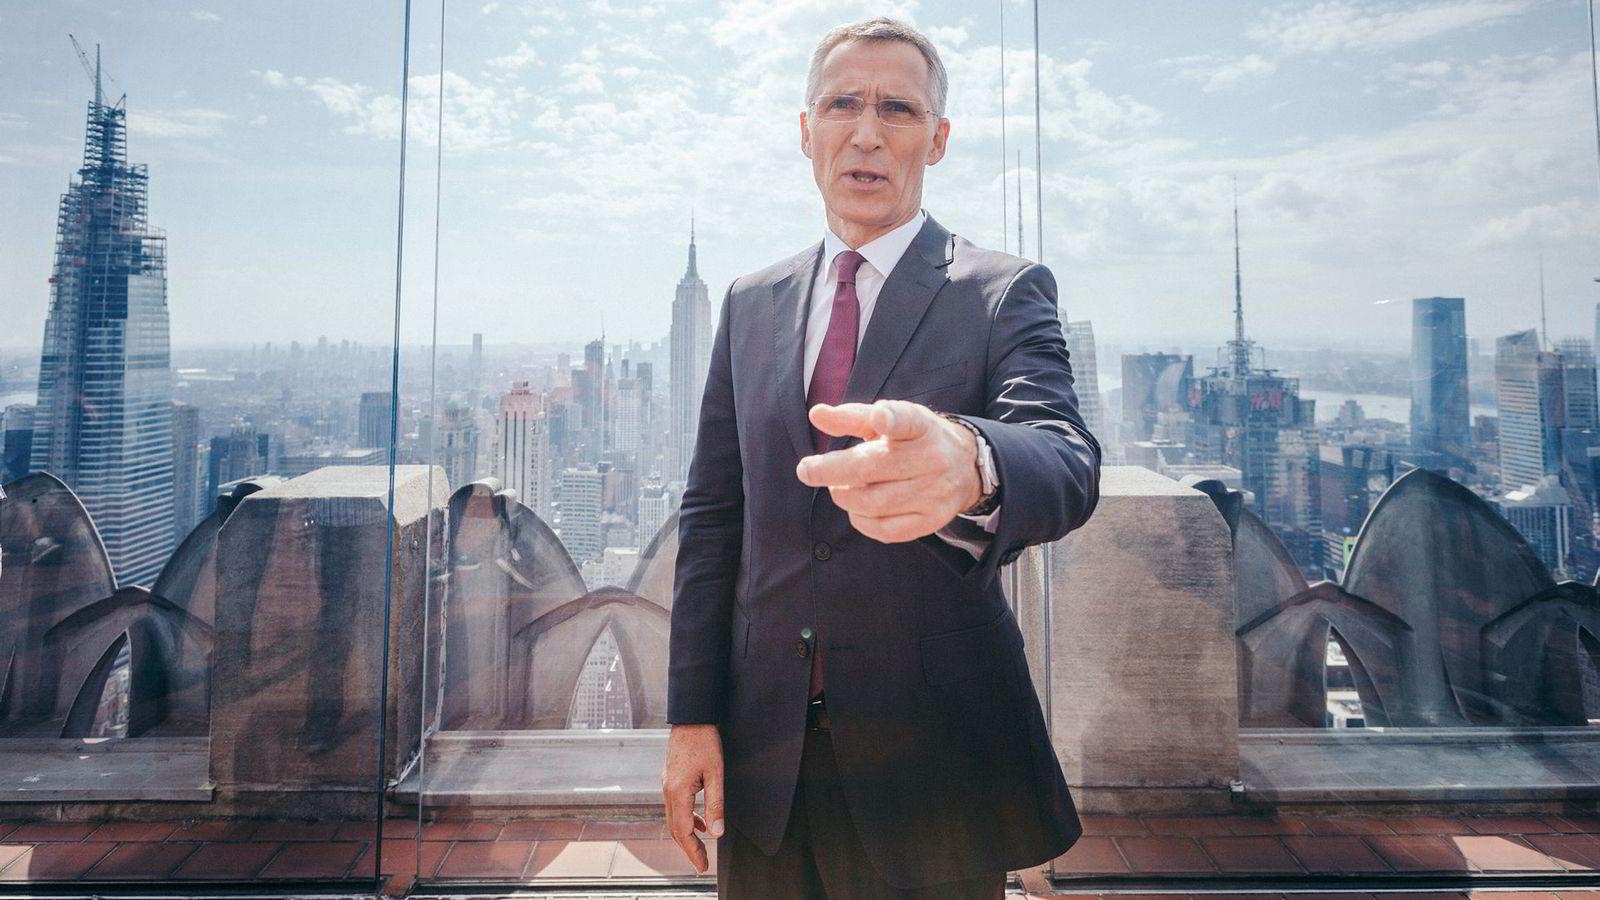 Natos generalsekretær Jens Stoltenberg har vært i New York denne uken for å møte flere toppledere under FNs generalforsamling, tale for studentene på Columbia og bli intervjuet i tv-kanalen MSNBC i den relativt høye Rockefeller-bygningen.